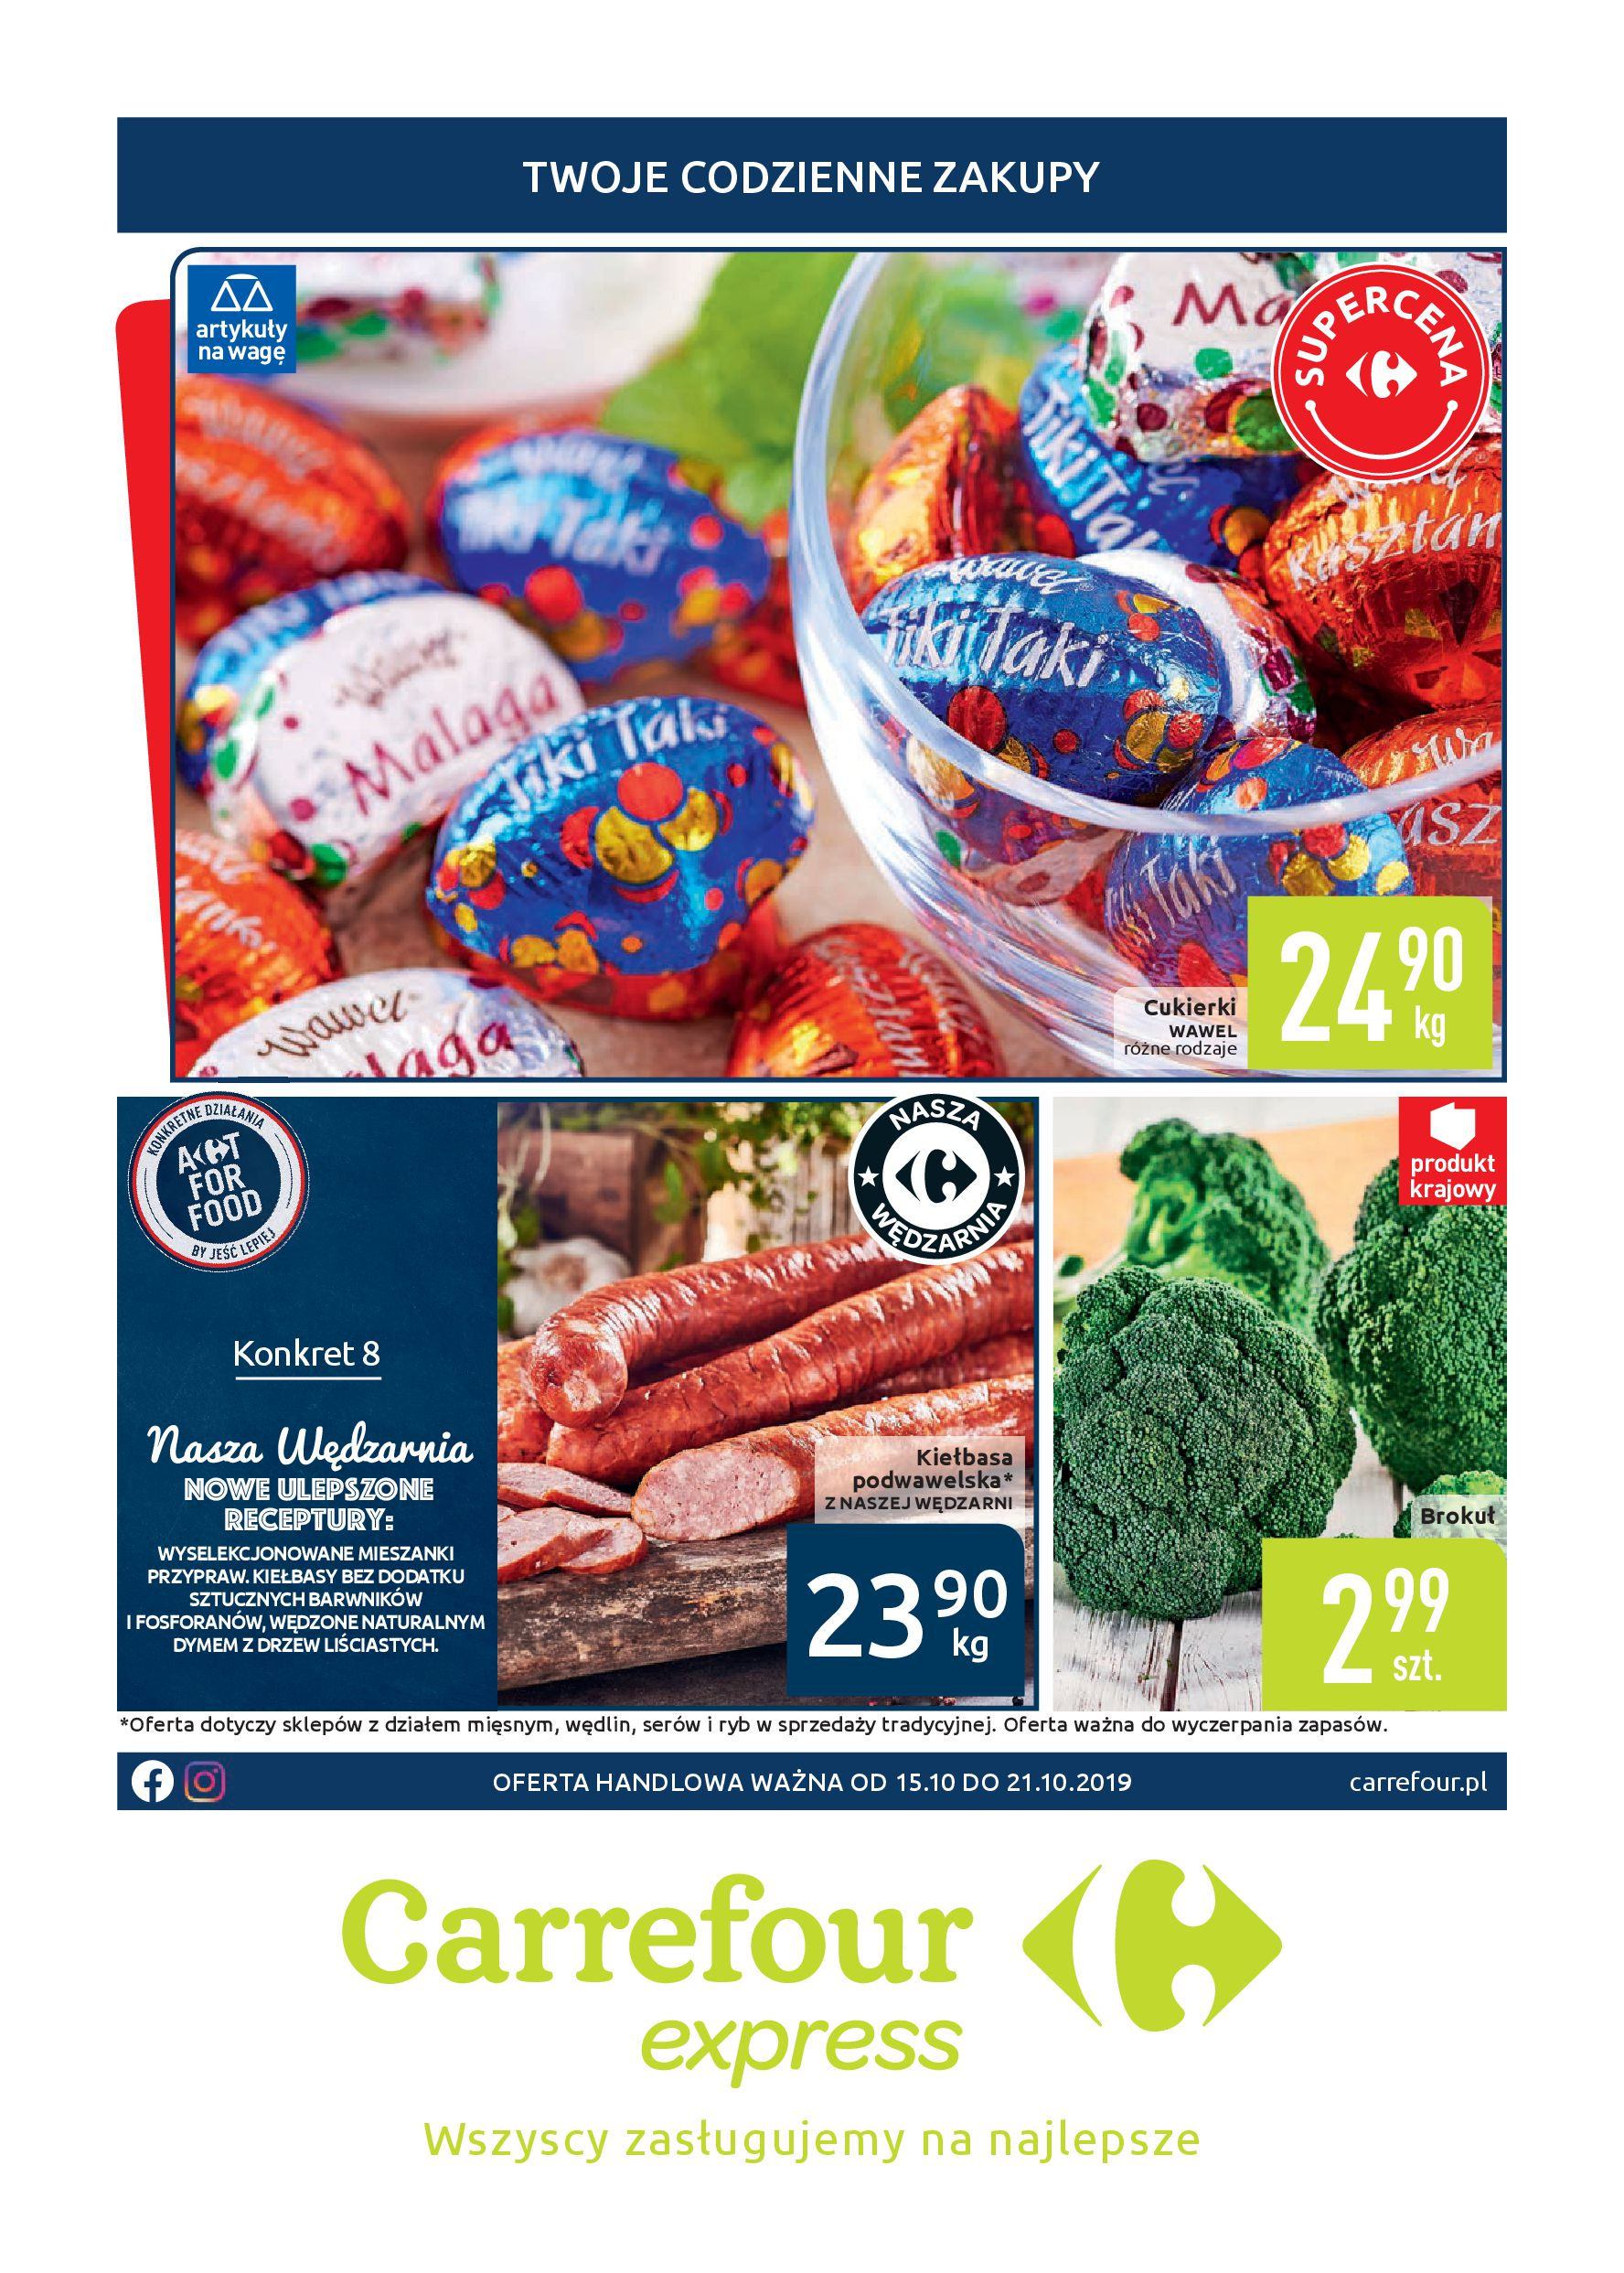 Gazetka Carrefour Express - Twoje codzienne zakupy-14.10.2019-21.10.2019-page-